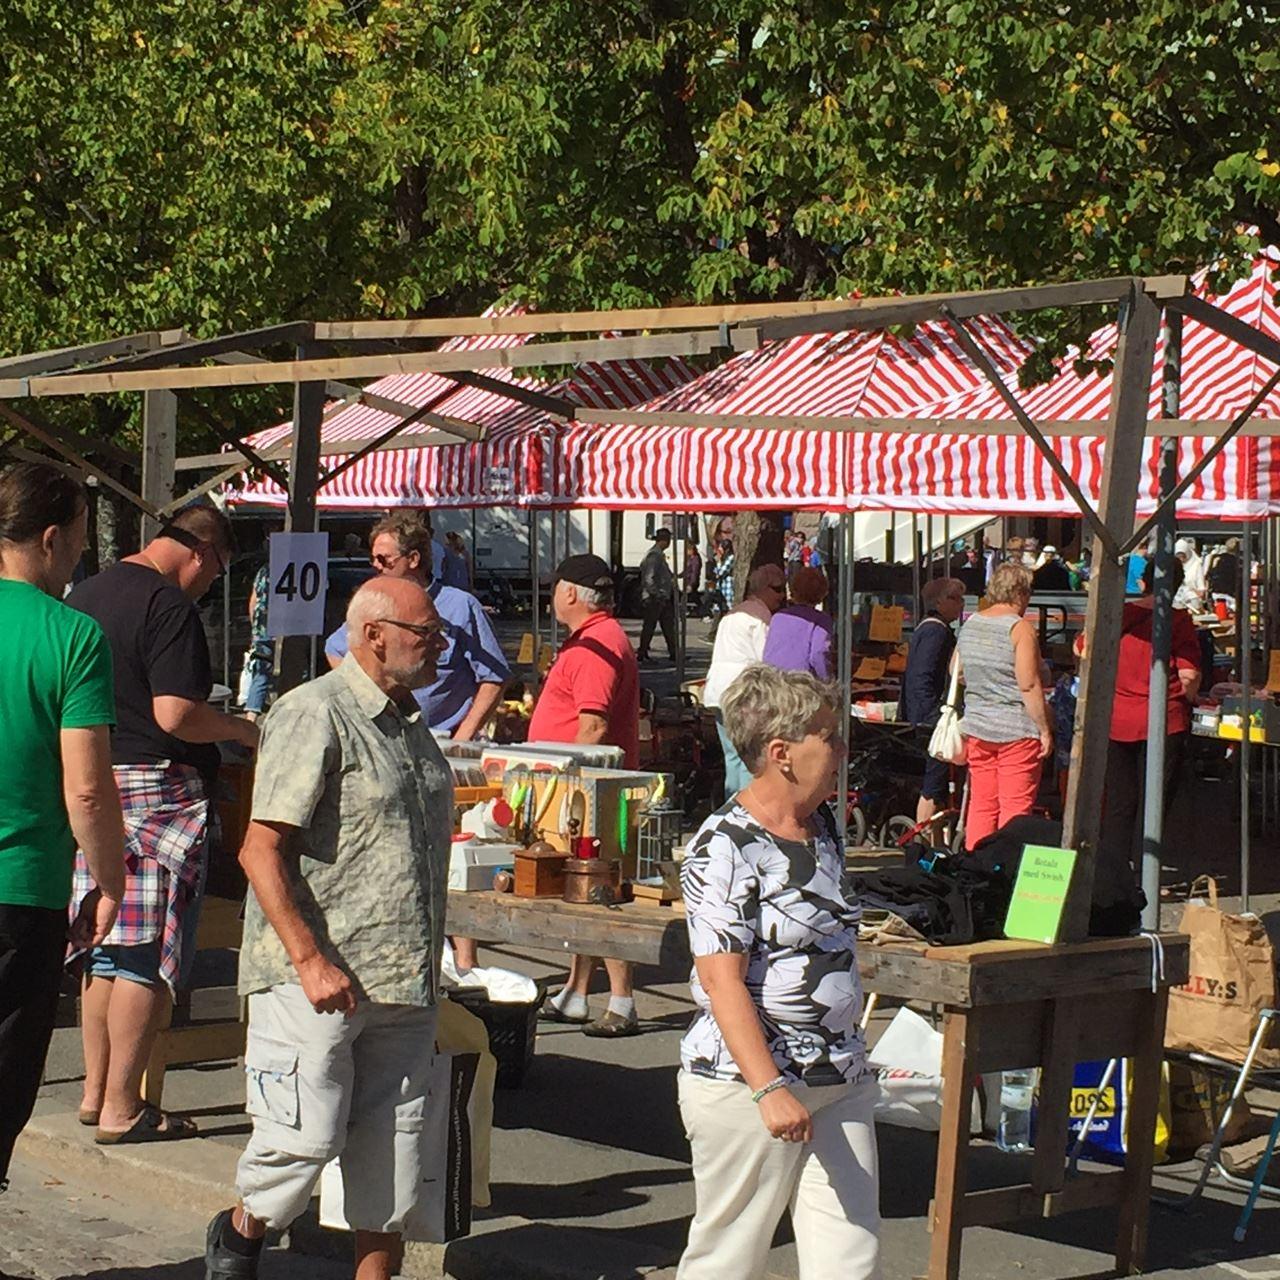 © VT, Flohmarkt in Vetlanda